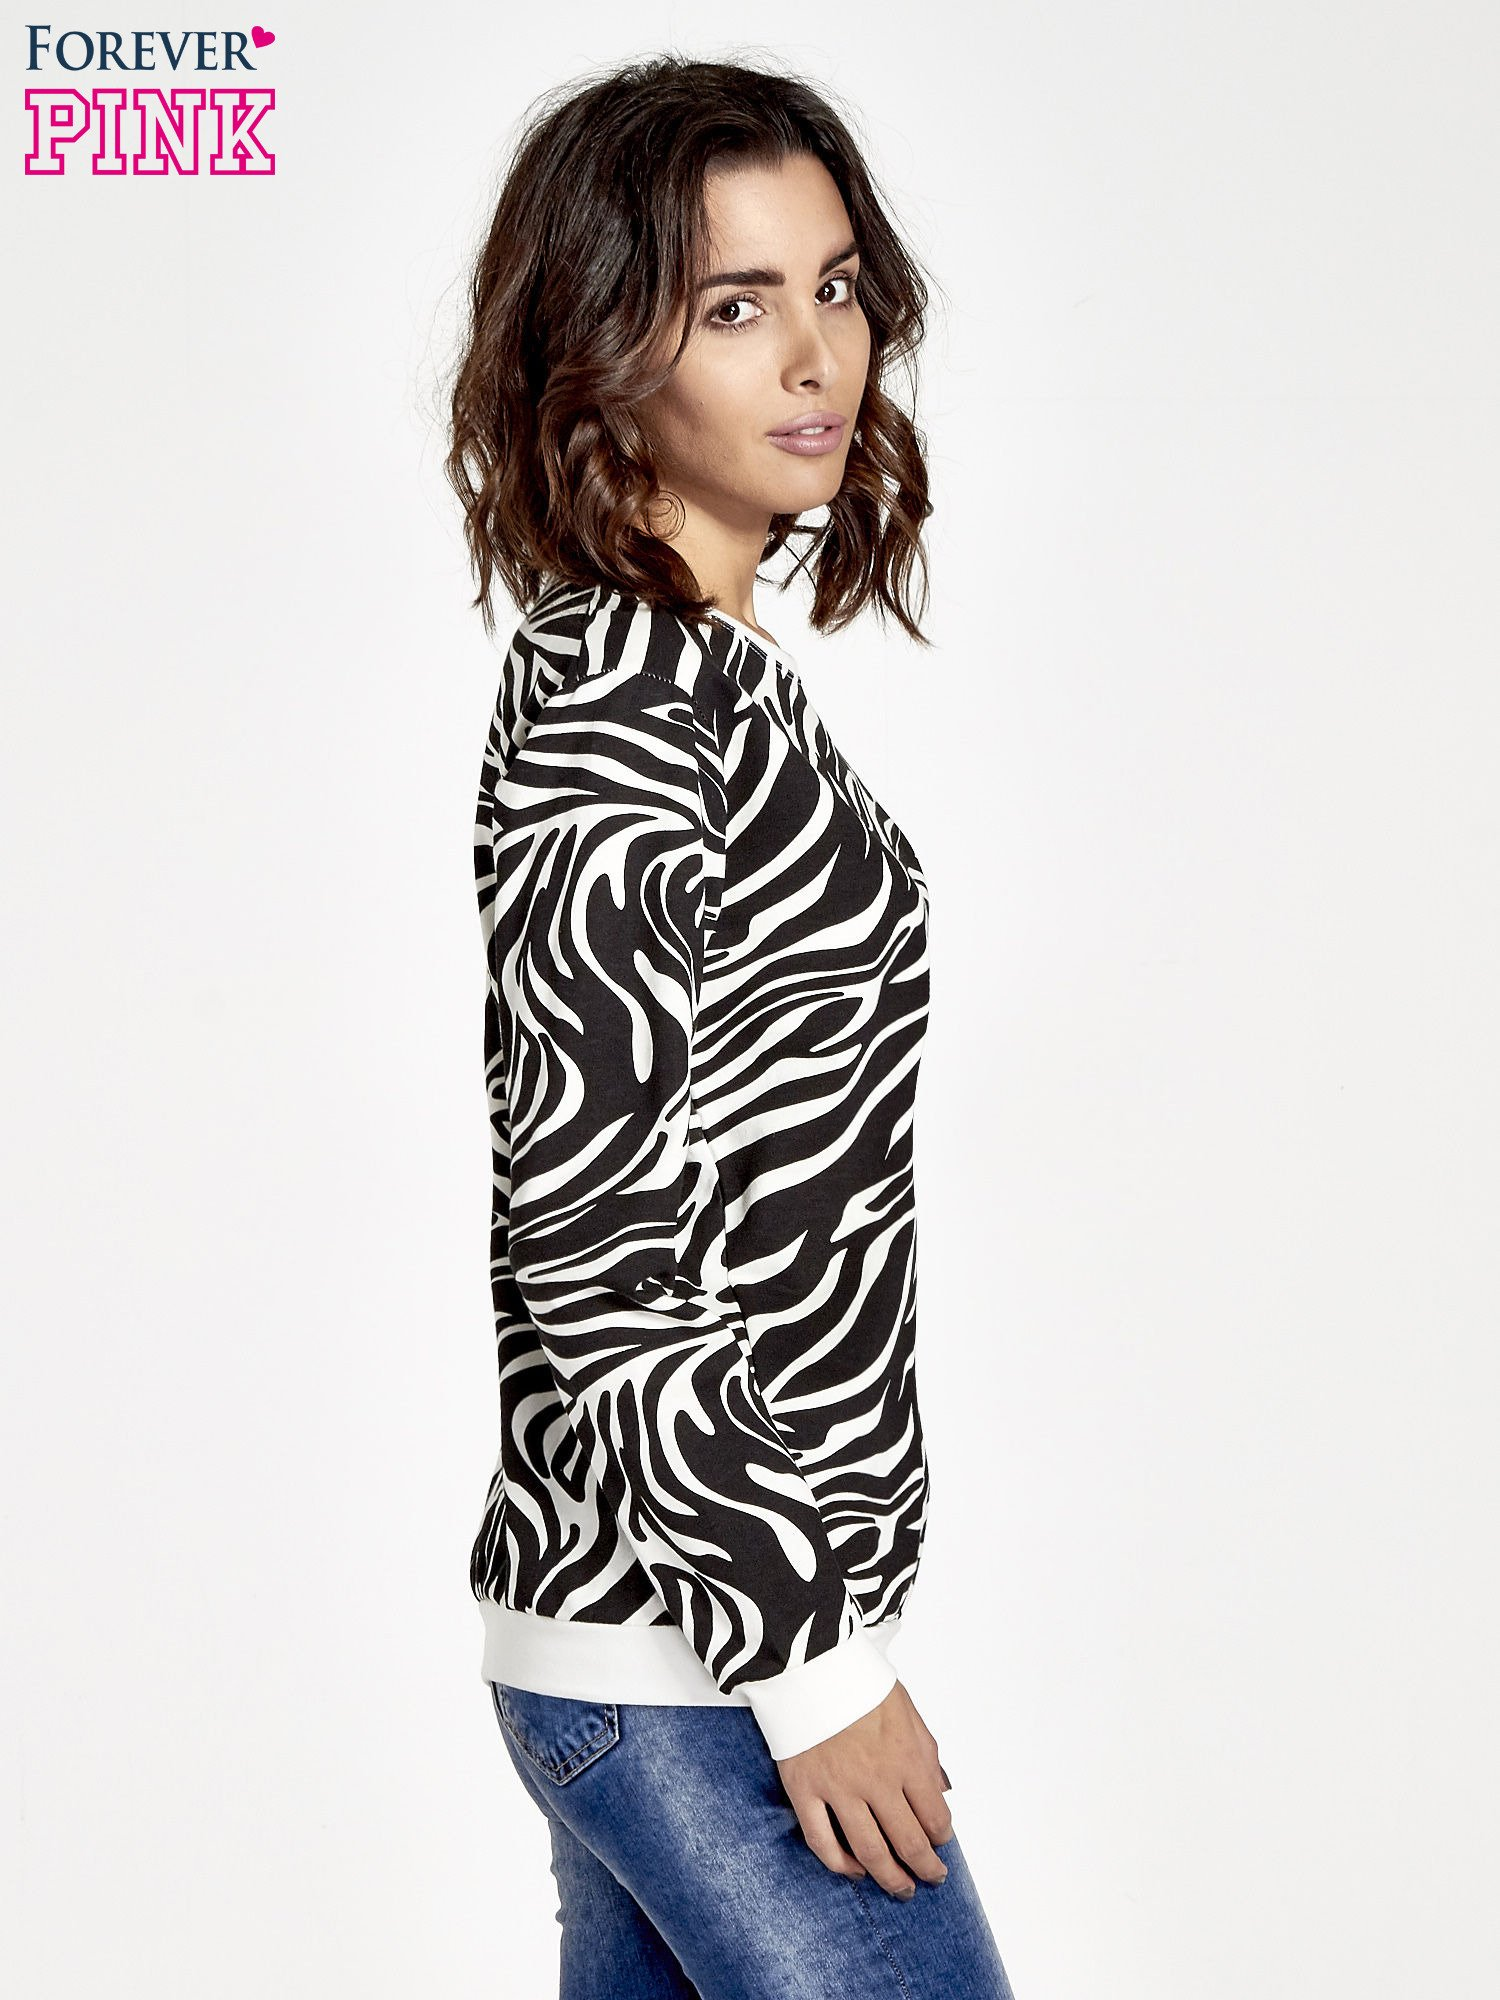 Czarna bluza z nadrukiem zebra print                                  zdj.                                  3